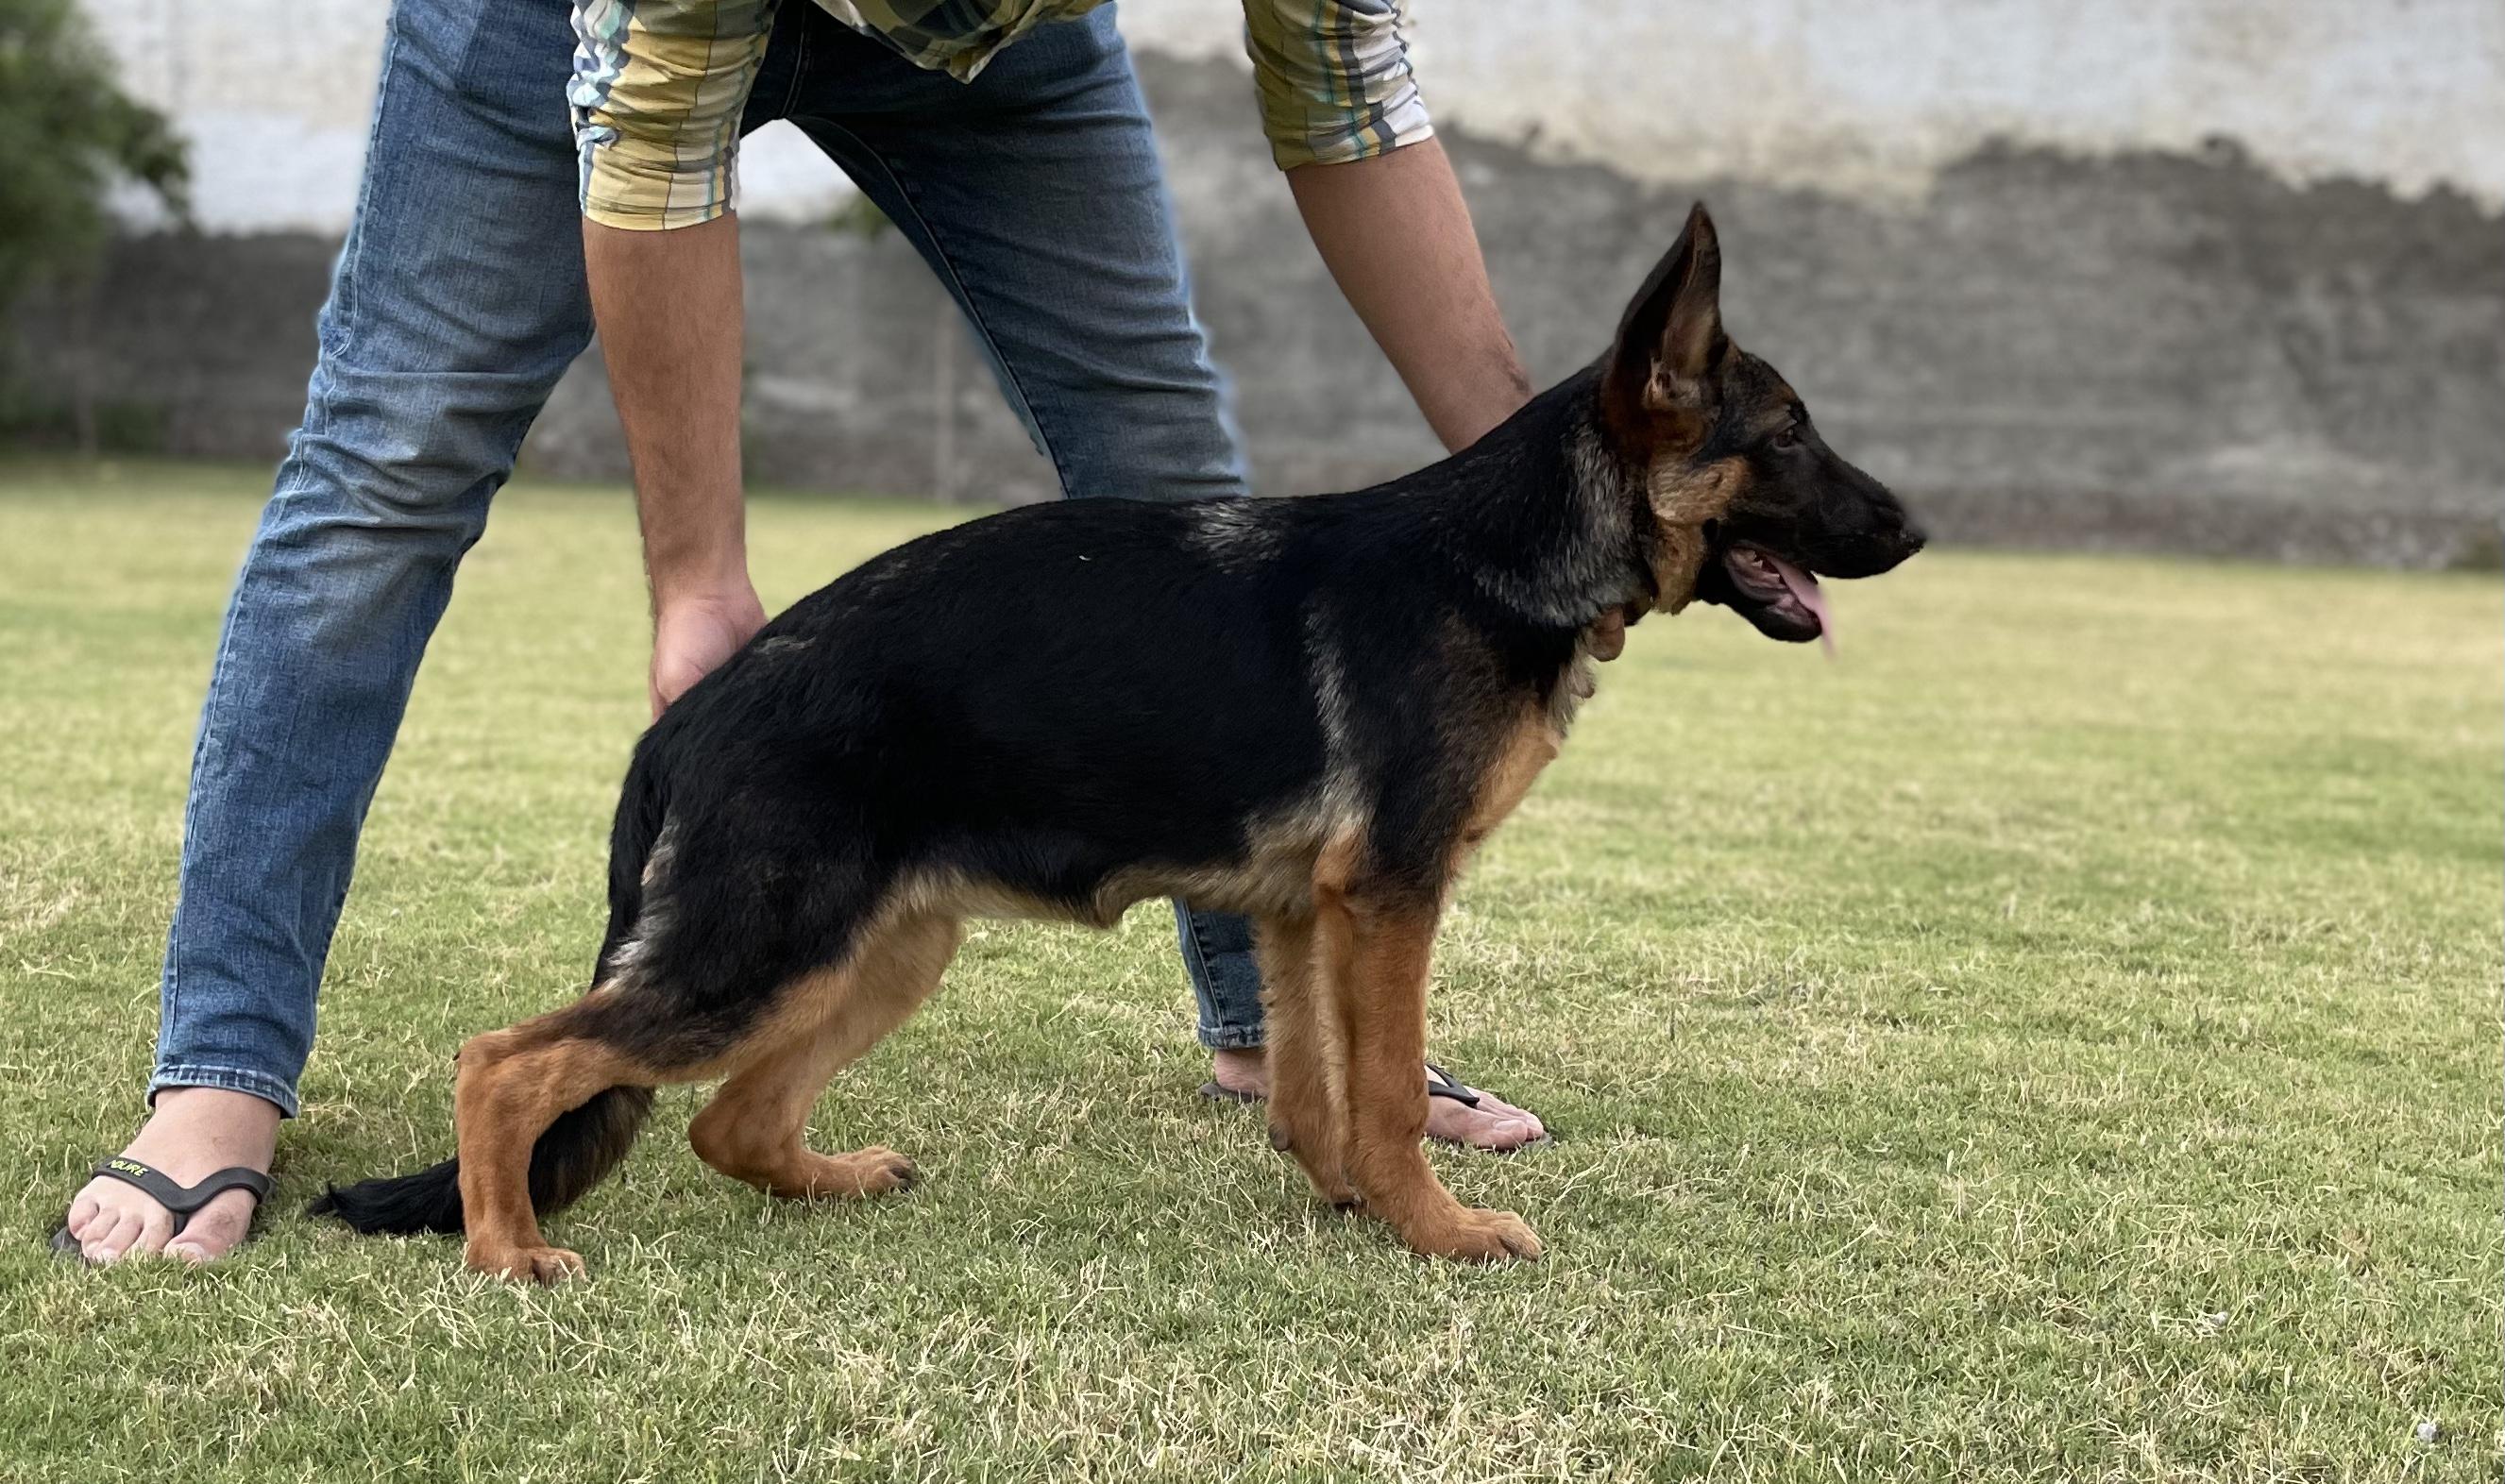 public/dog_images/13093/1621628763.9436CE97-7ACE-42A4-B0FF-E018D49CD51A.jpeg